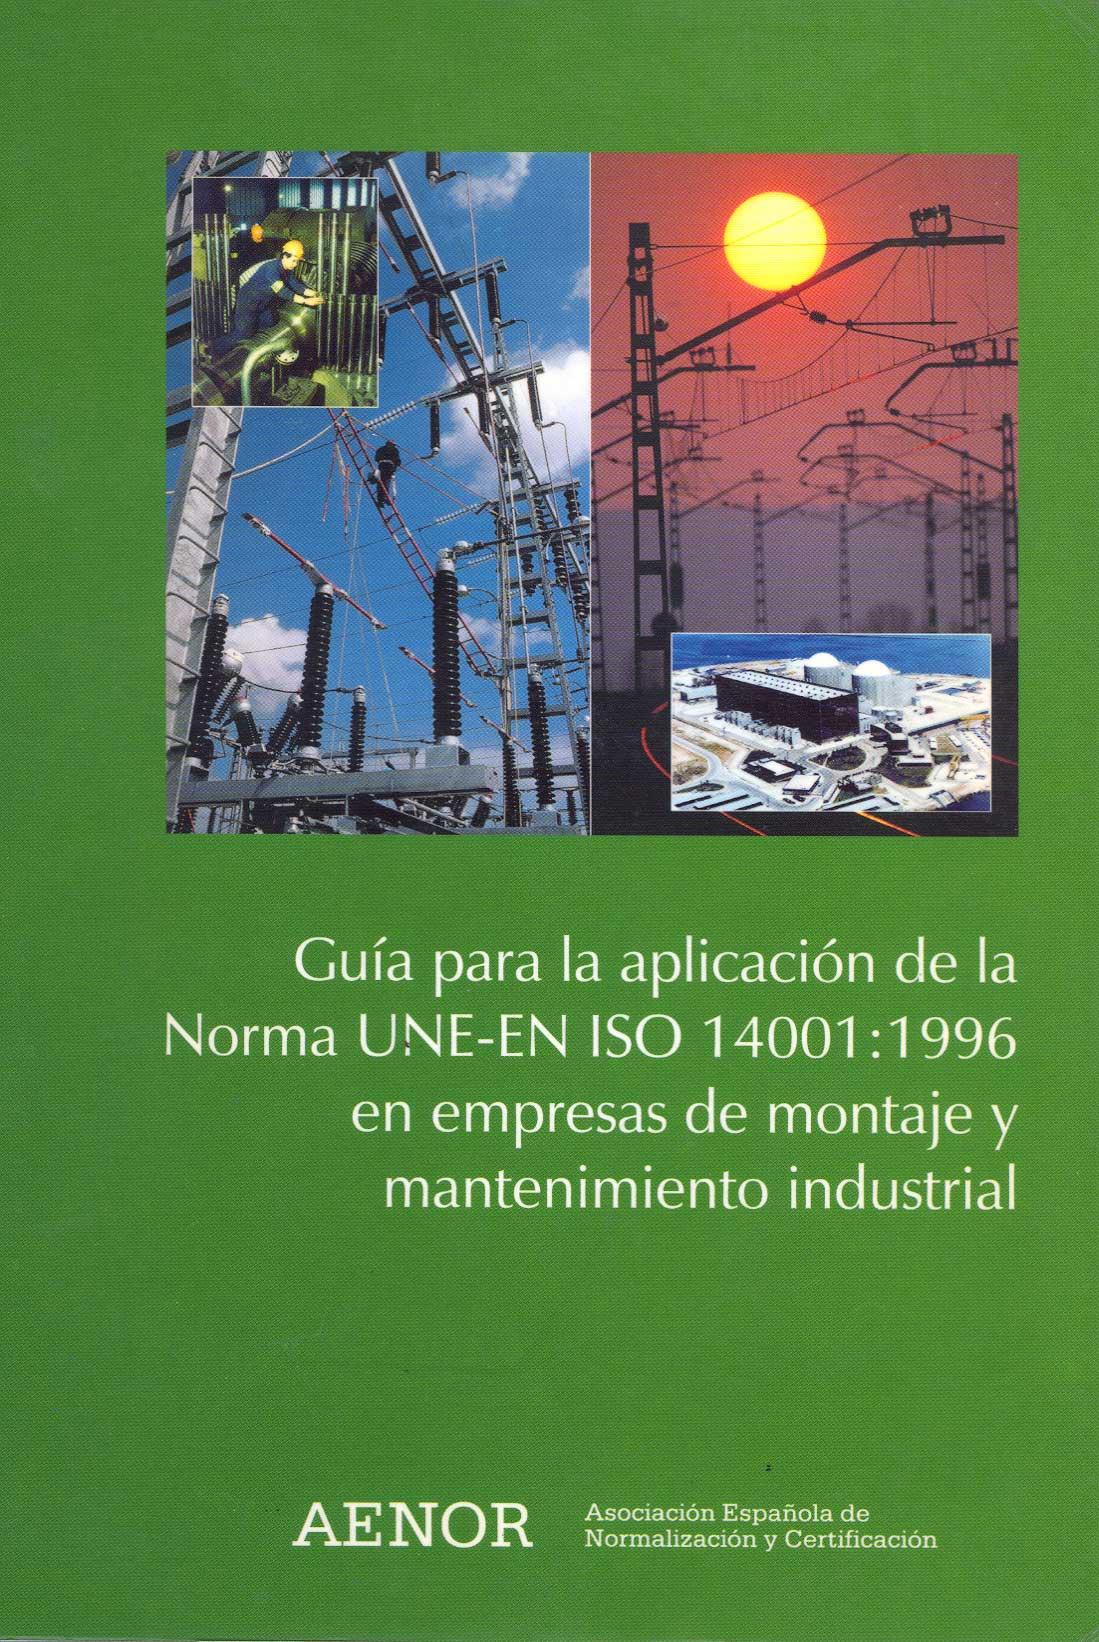 Guía para la aplicación de la norma UNE-EN ISO 14001:1996 en el sector de montajes y mantenimientos industriales